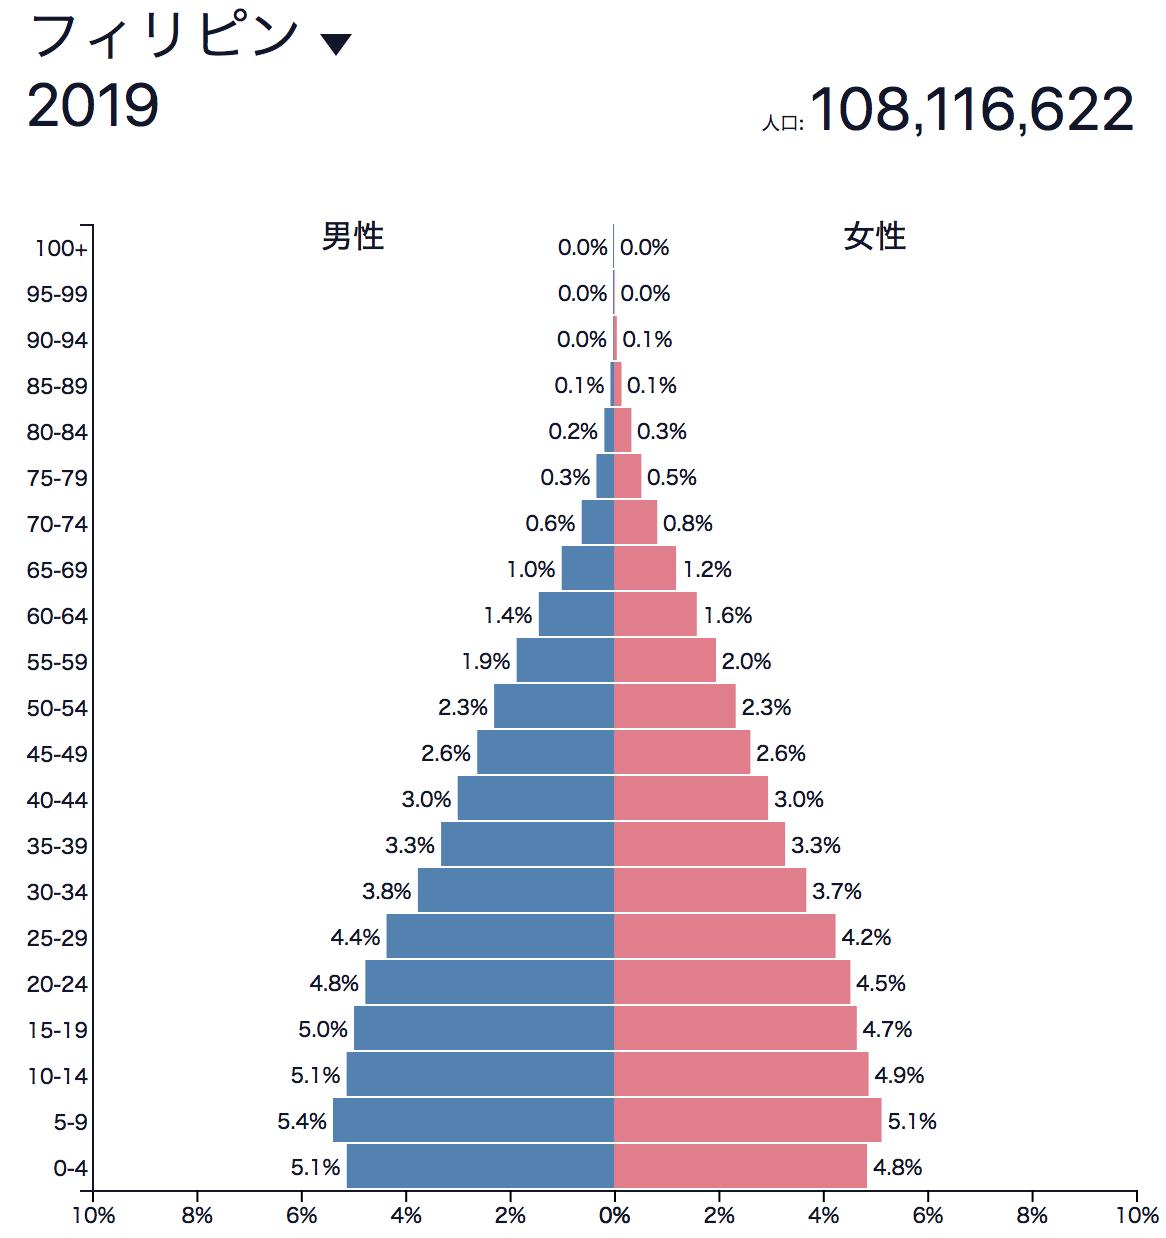 フィリピンの人口ピラミッド